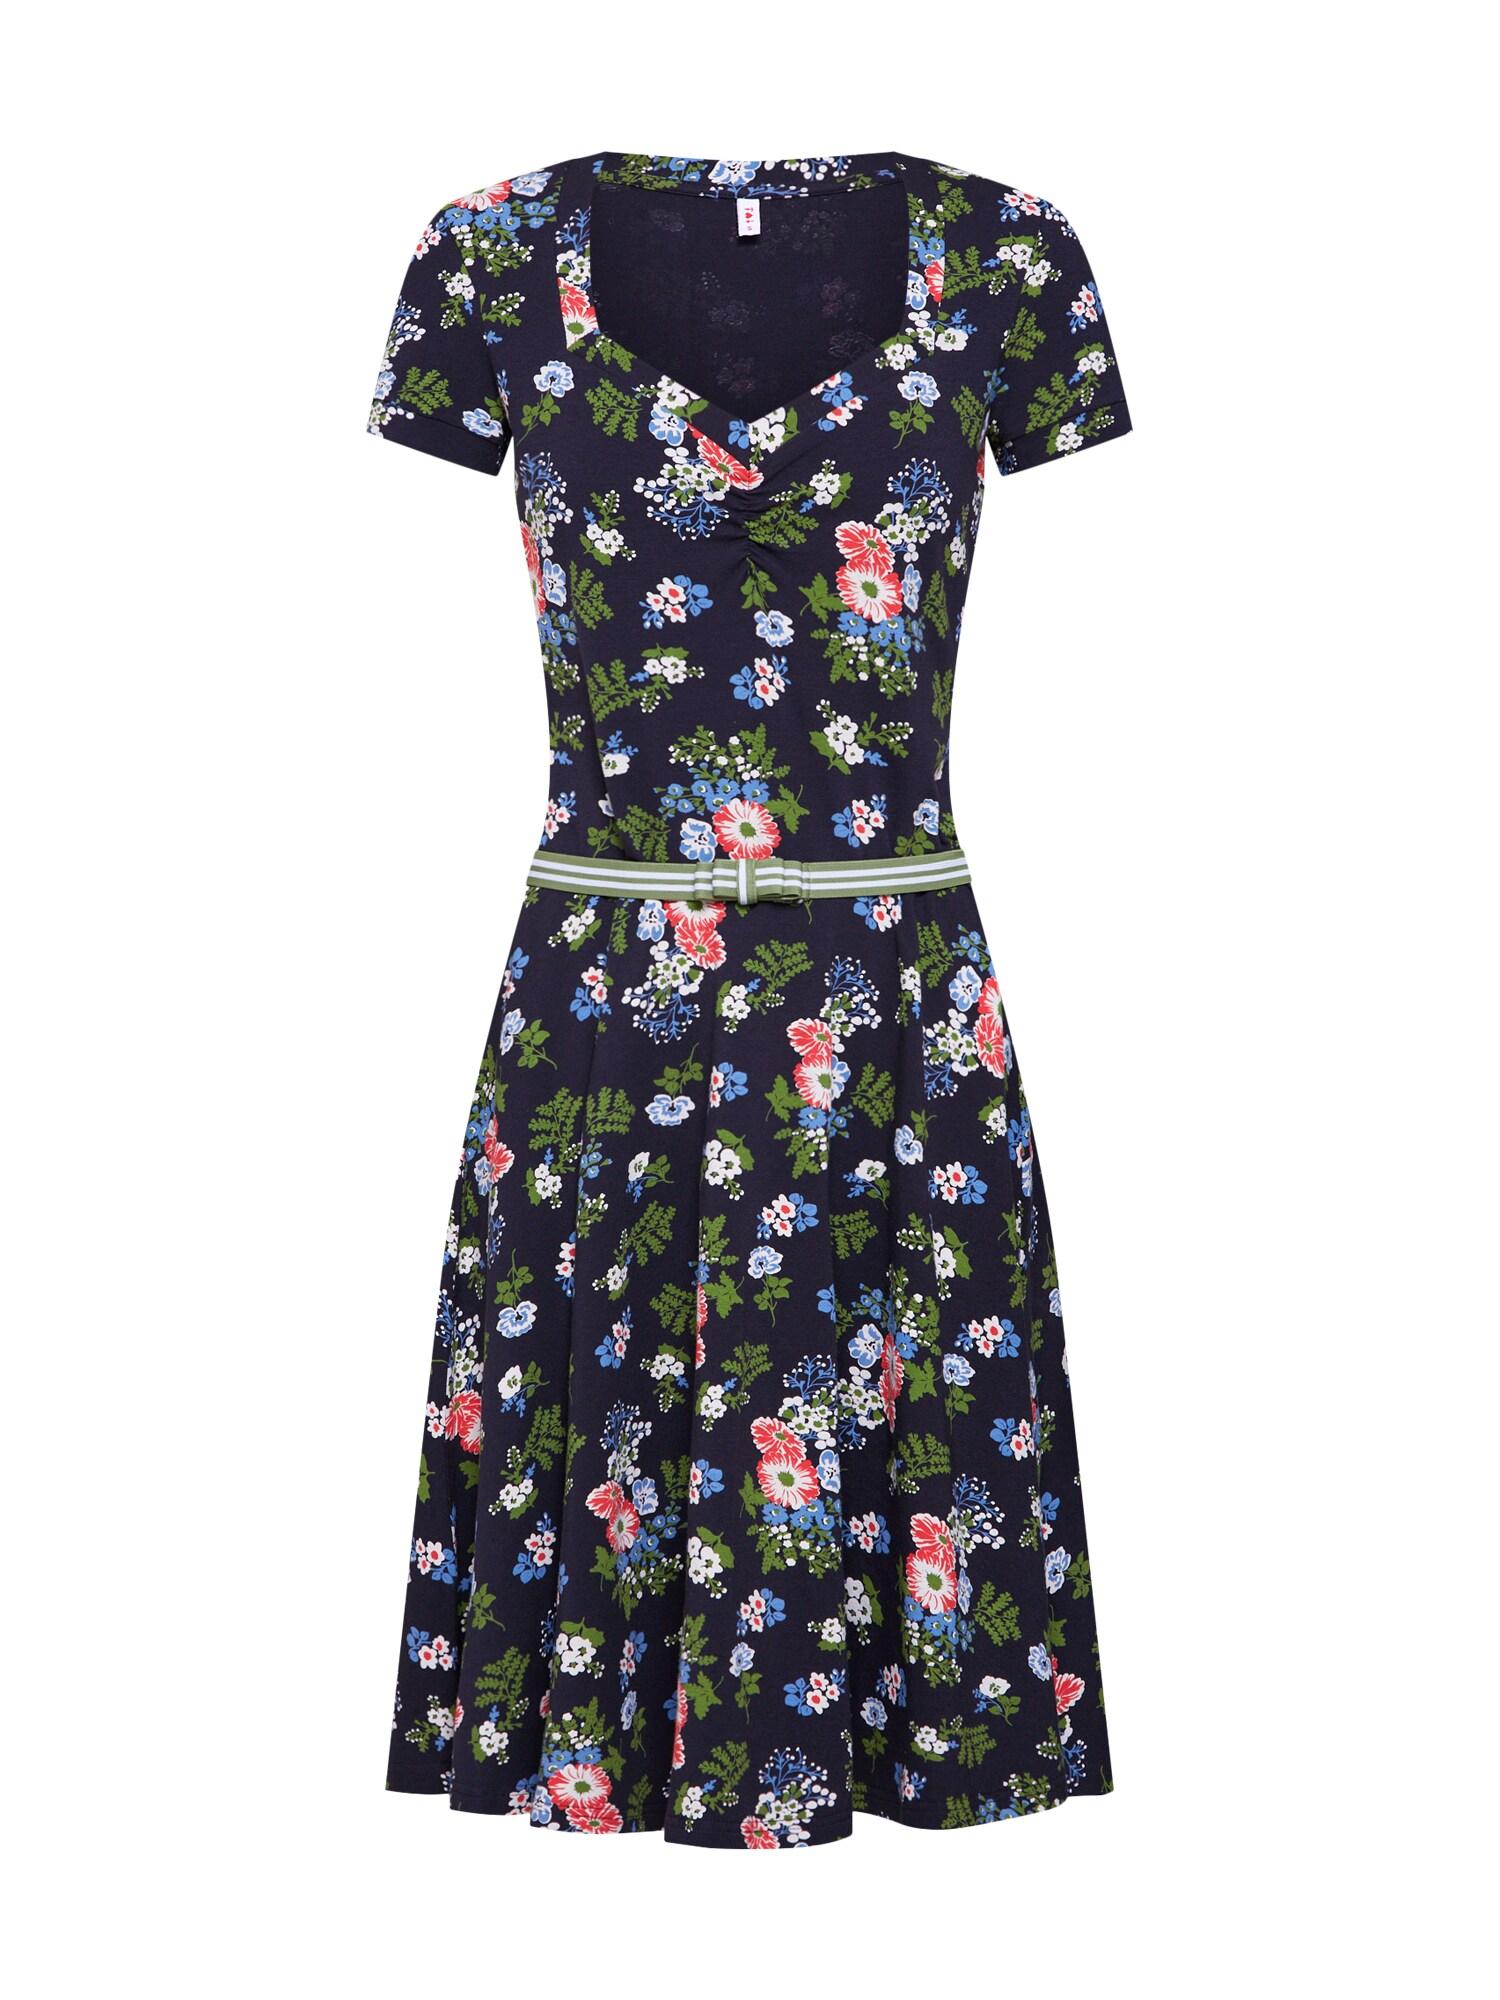 Letní šaty Mze Kze mix barev černá Blutsgeschwister